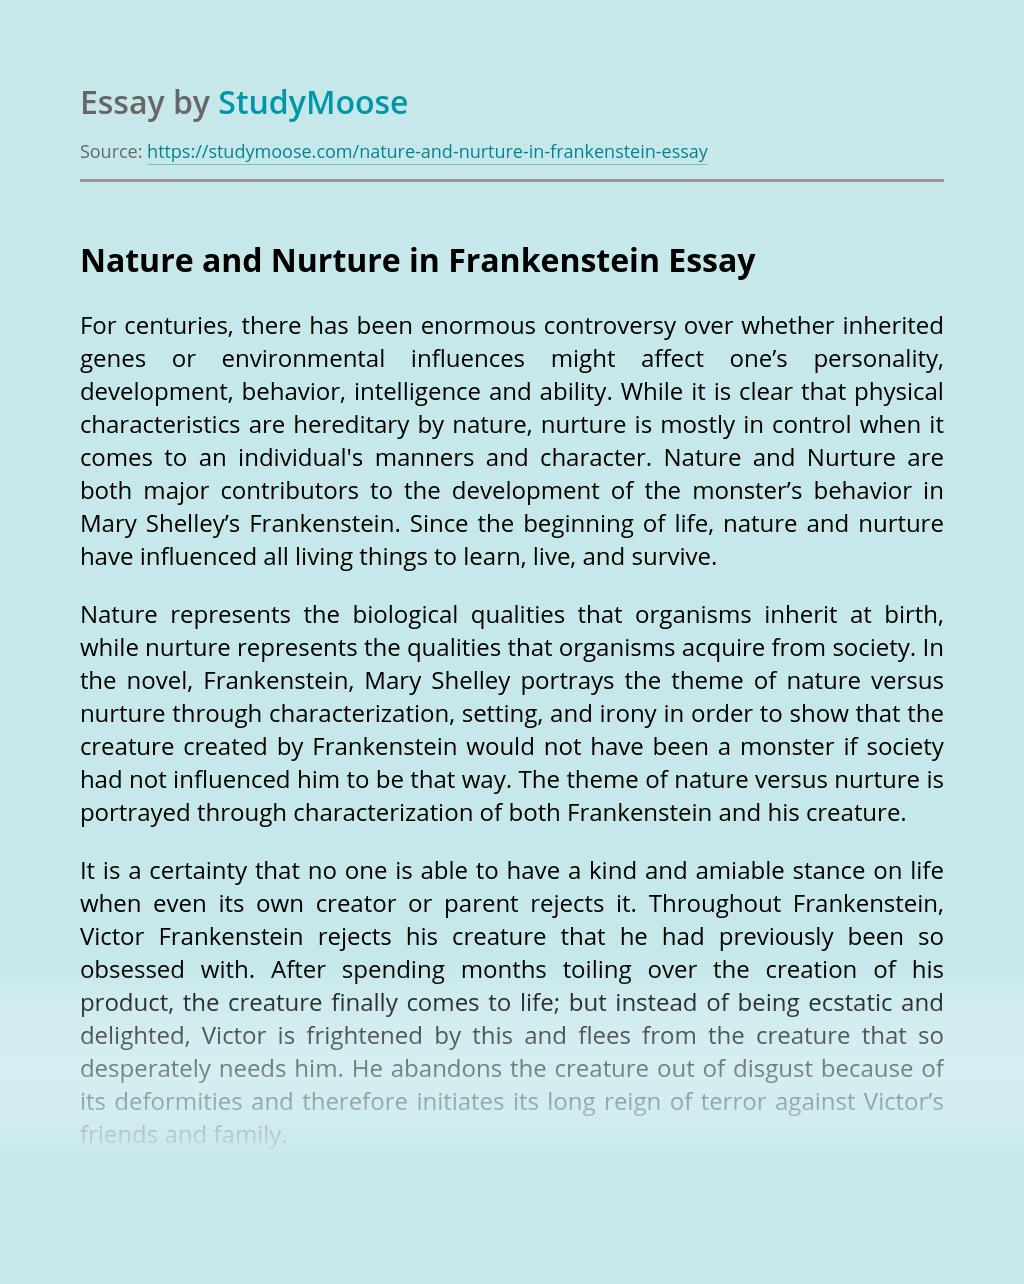 Nature and Nurture in Frankenstein